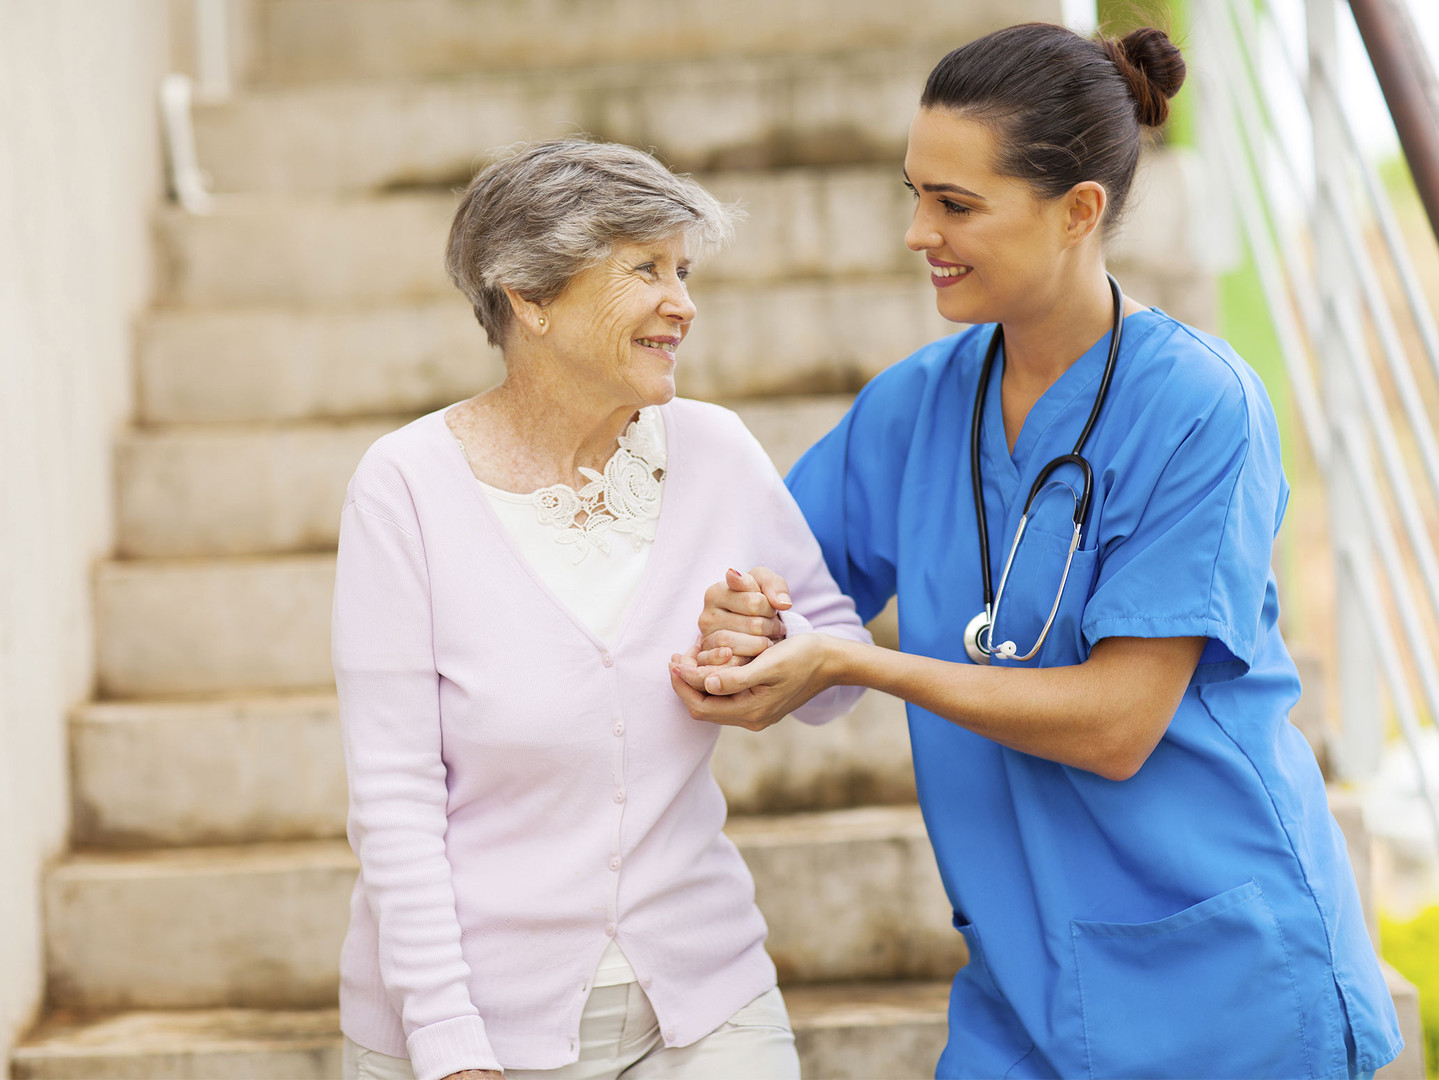 home-health-aide-162578383.jpg